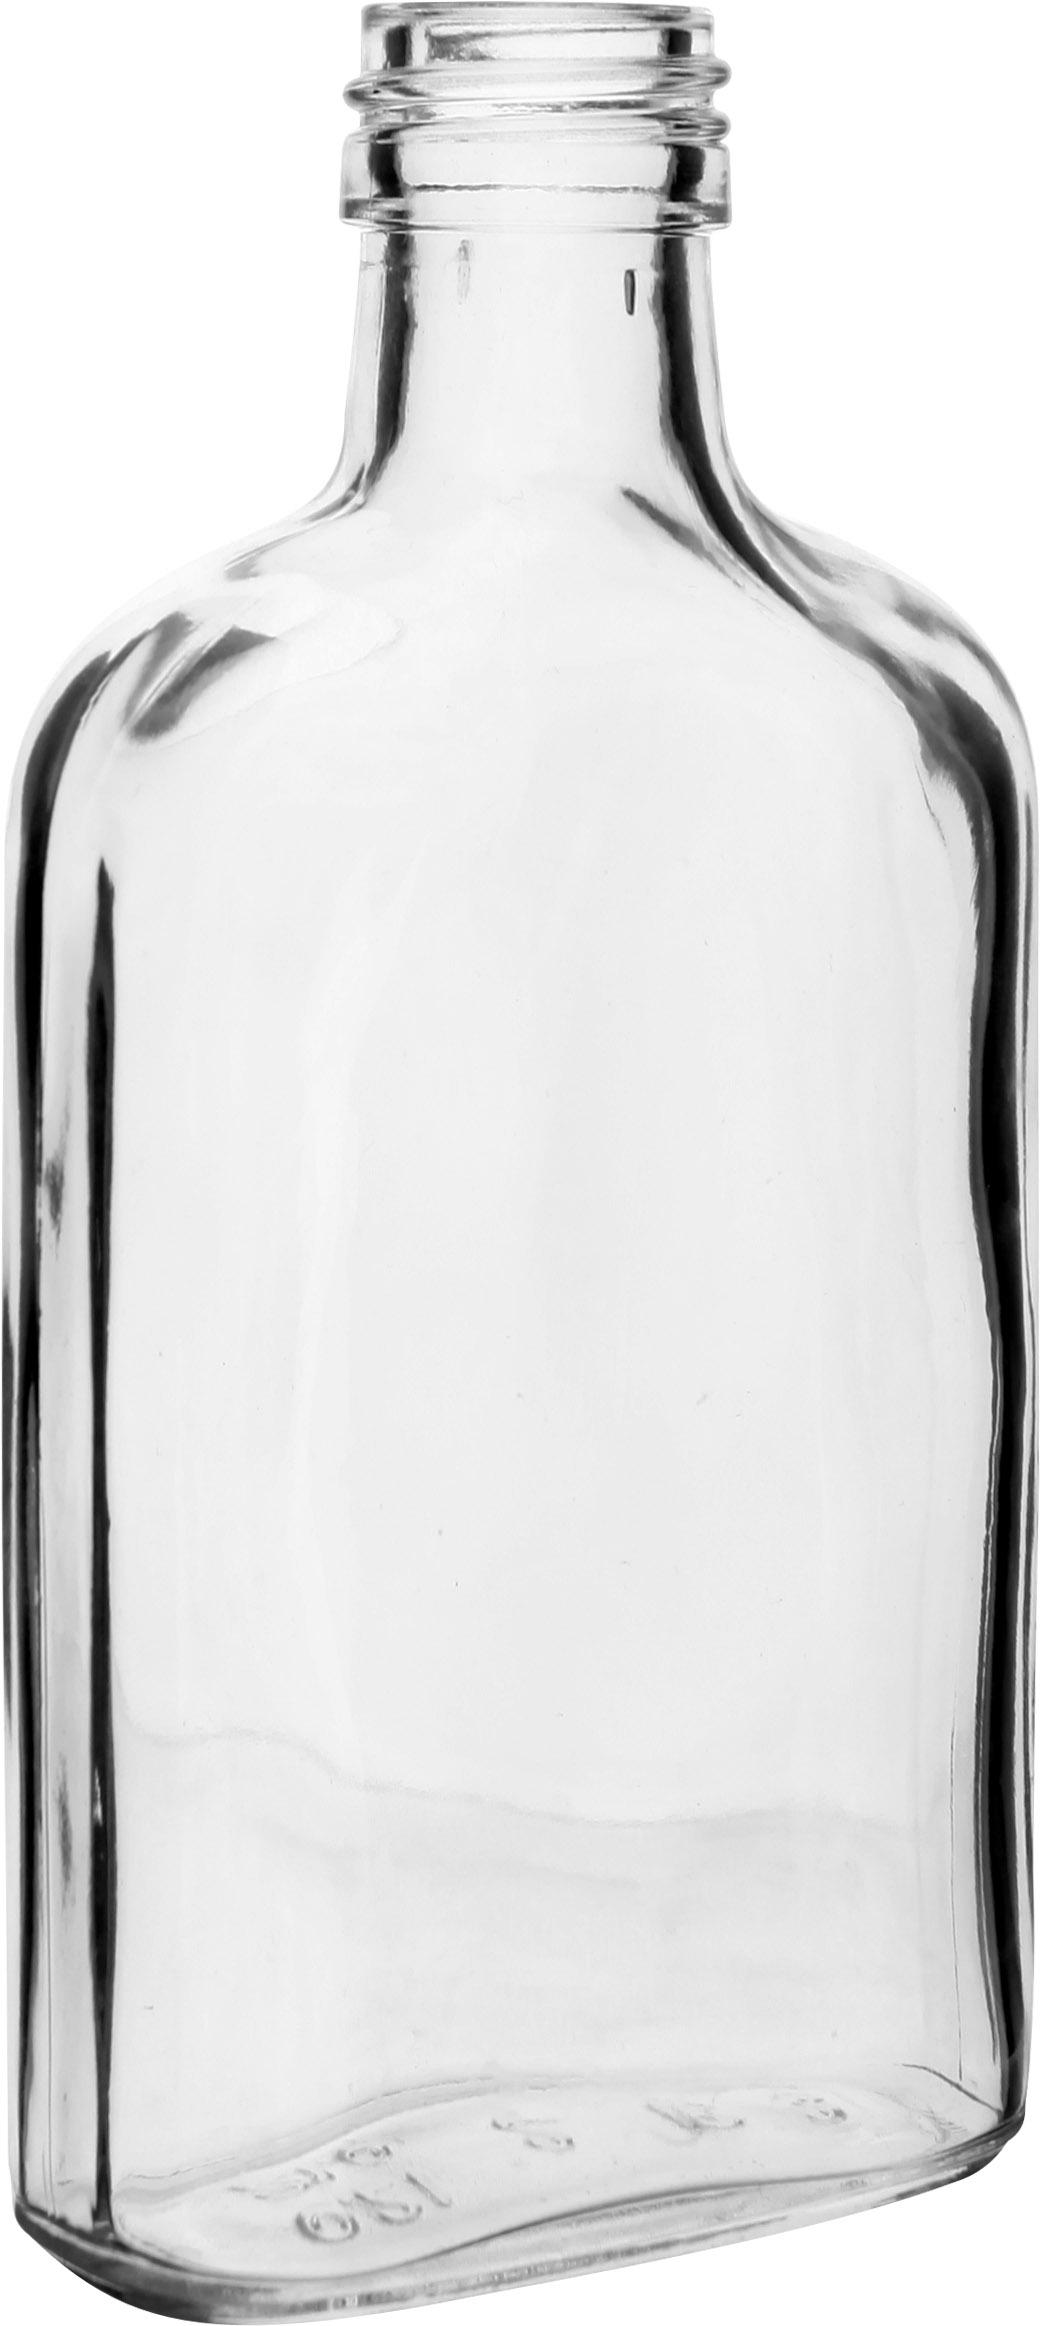 láhev 0,2l PLACATKA, šroubení, sklo